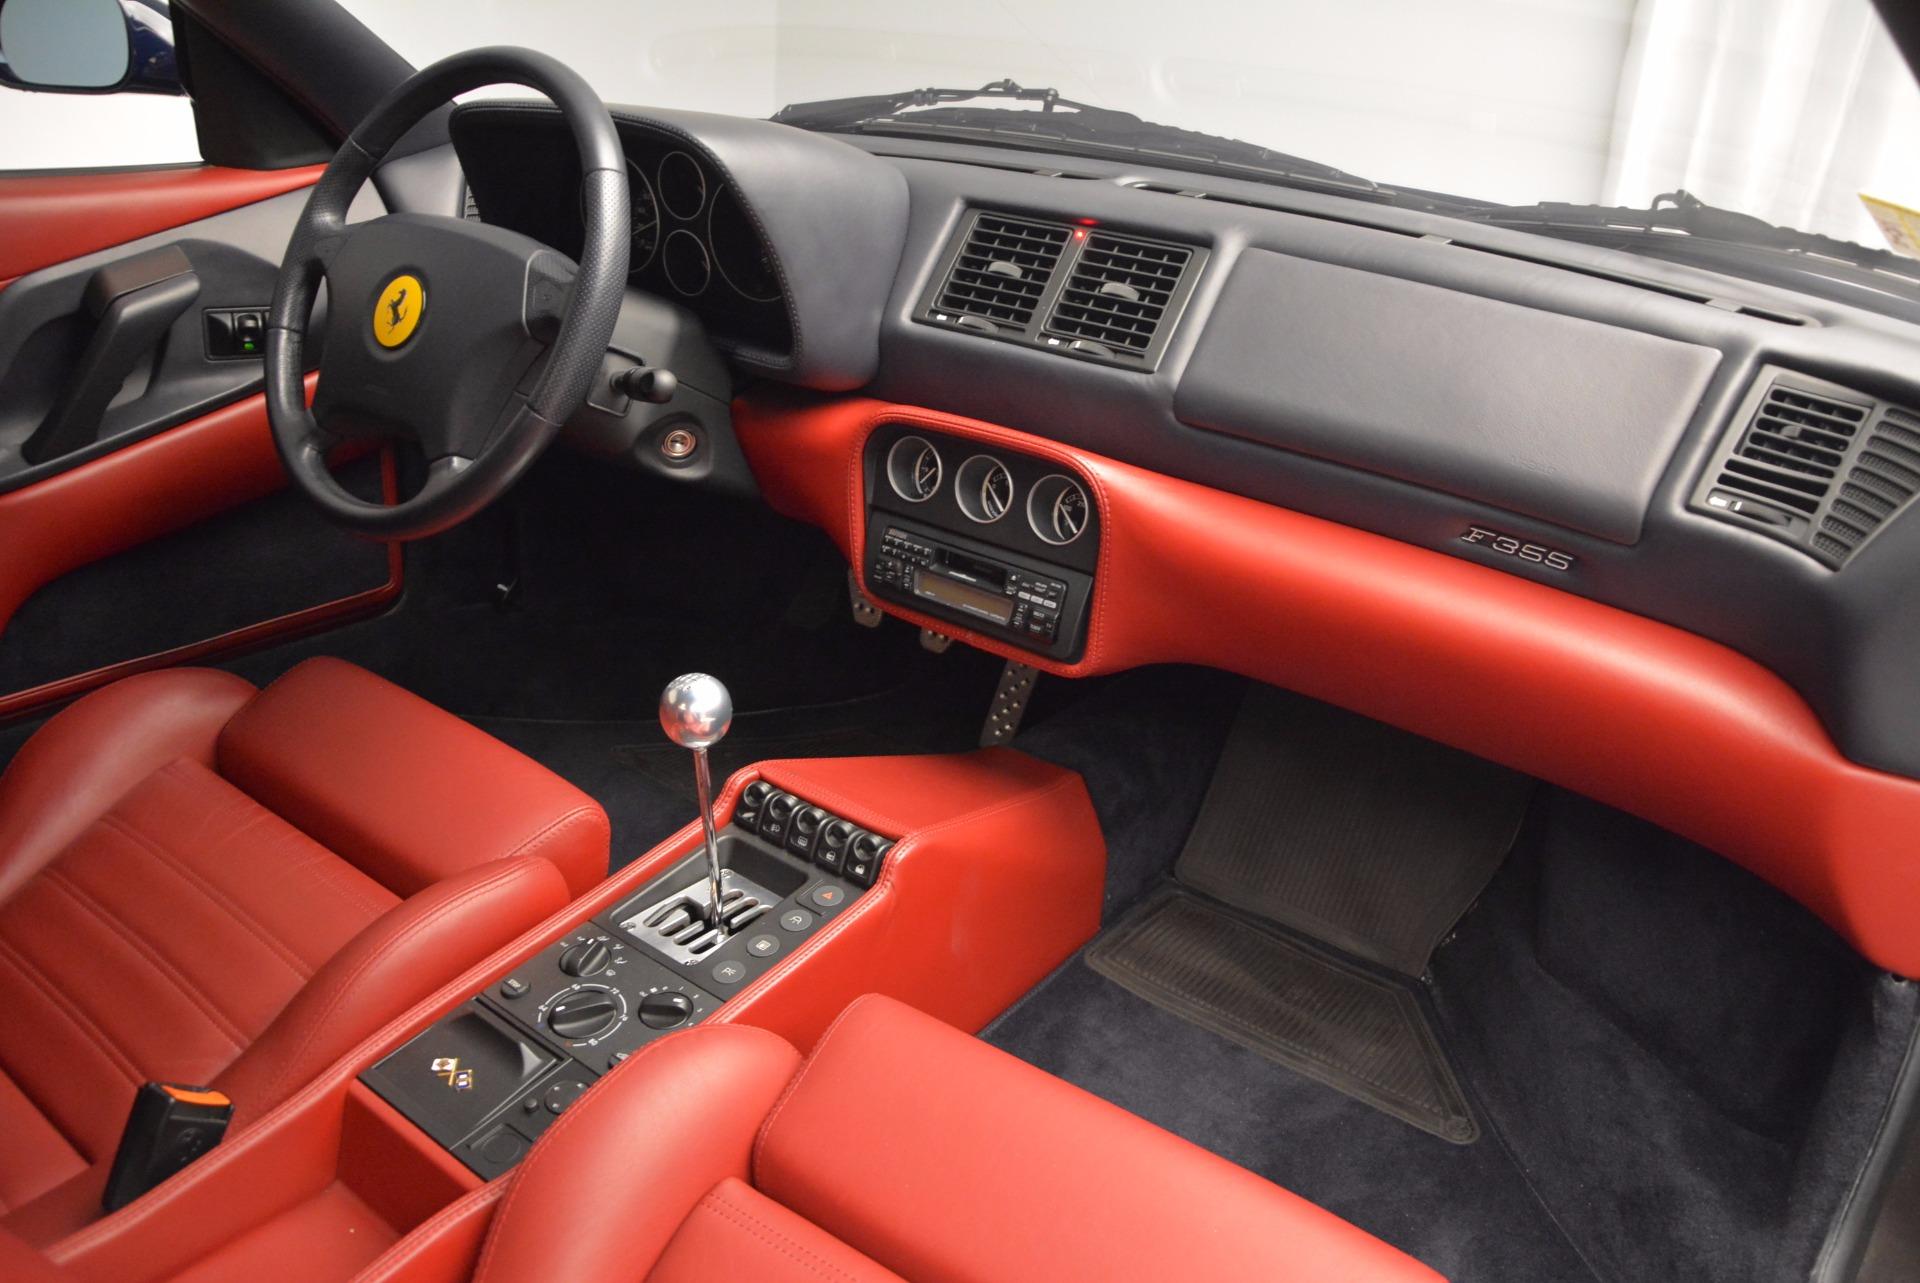 Used 1999 Ferrari 355 Berlinetta For Sale In Greenwich, CT. Alfa Romeo of Greenwich, 4357 855_p18